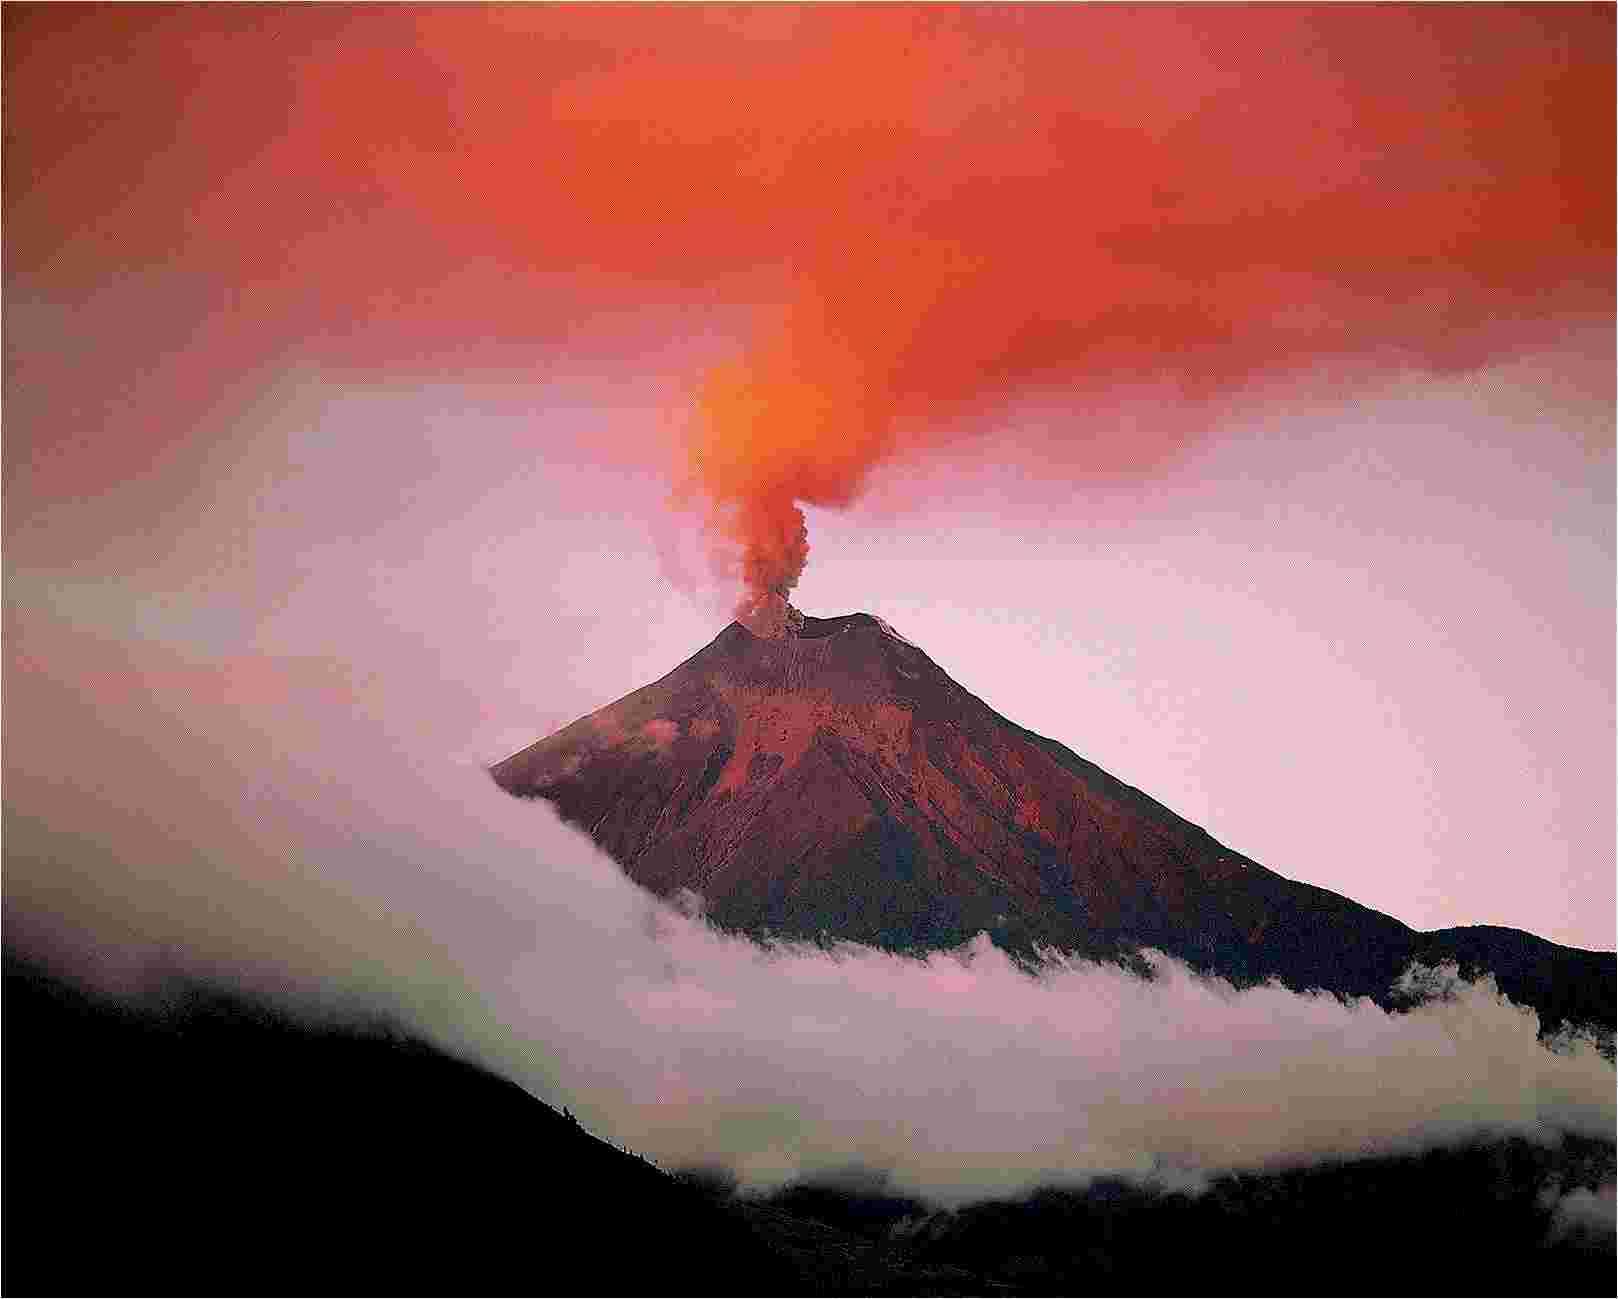 вулкан Котопахи где находится